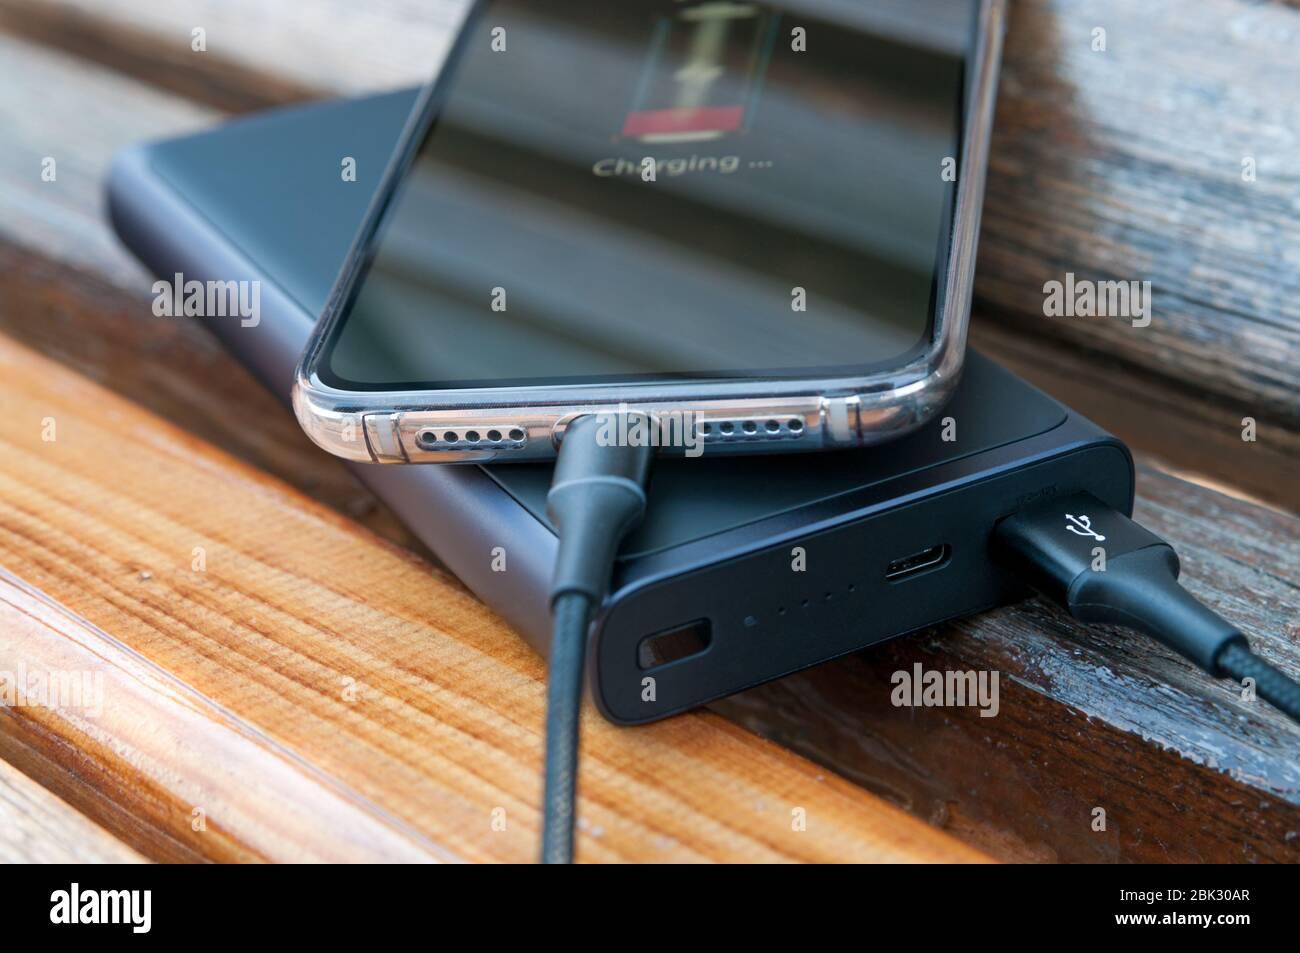 El smartphone moderno se carga desde la fuente de alimentación sobre el fondo de madera. Concepto de tecnología moderna. Enfoque selectivo. Foto de stock